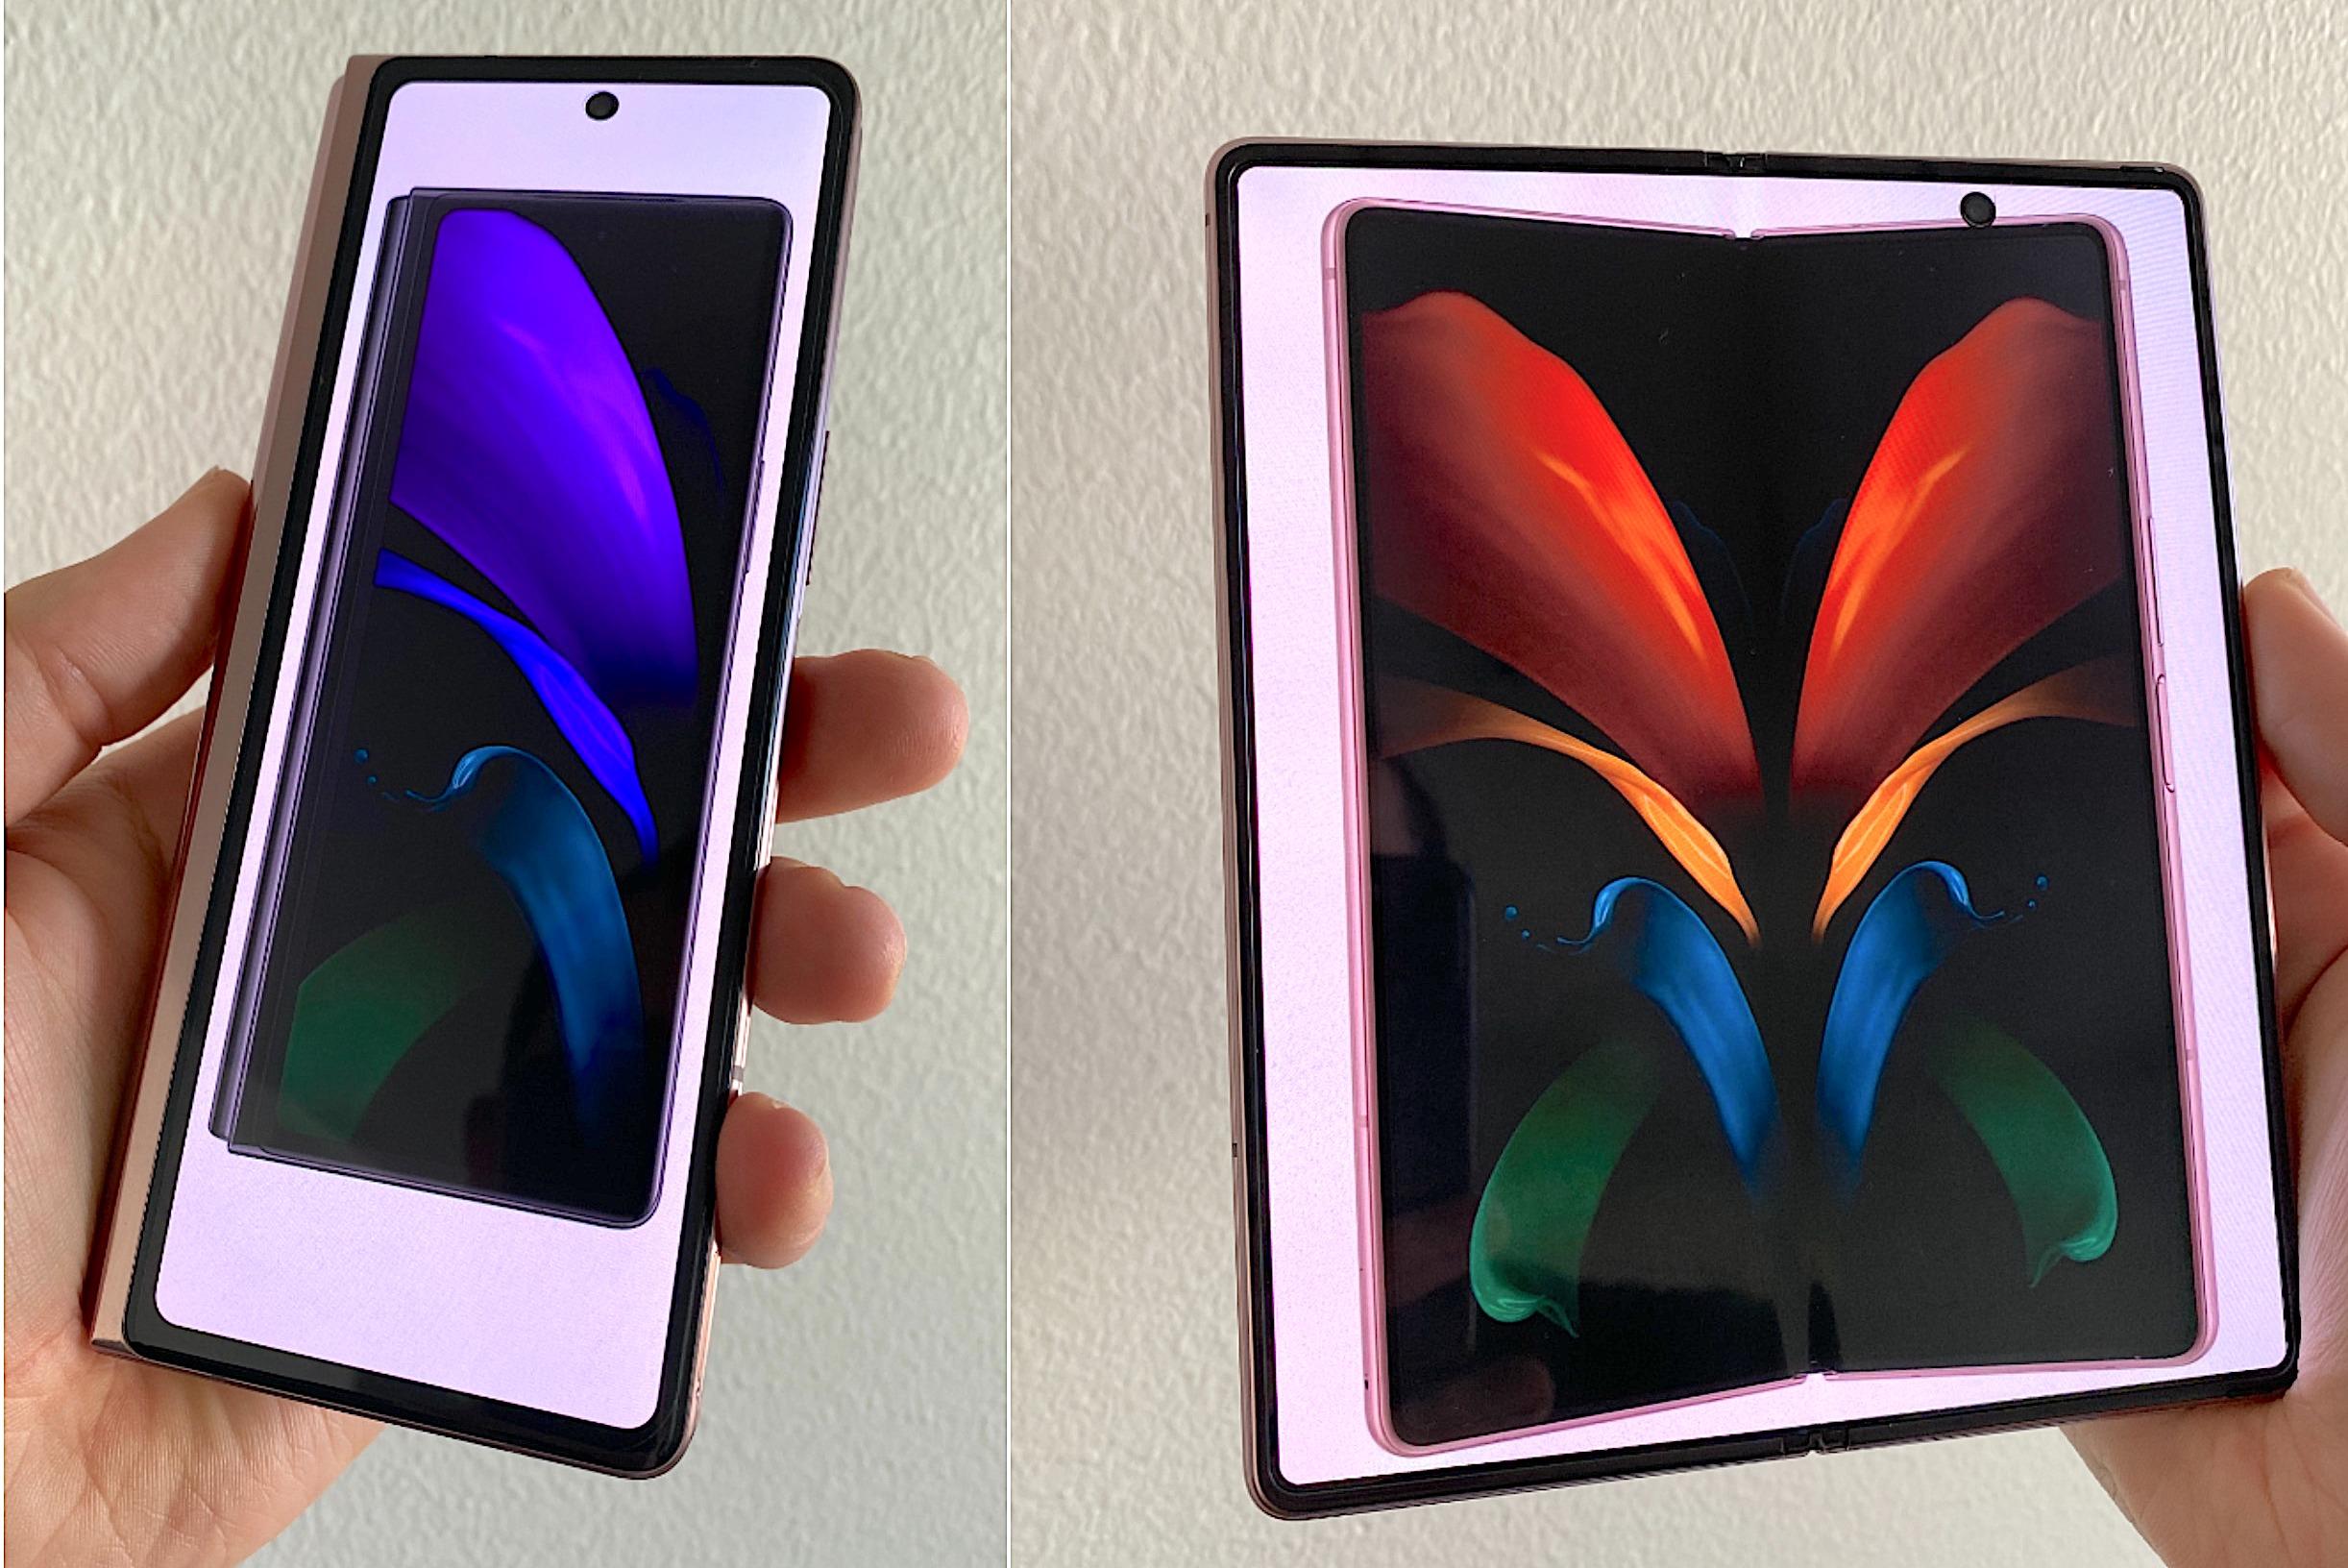 Samsung Galaxy Z Fold2. Kannessa 4,6 tuuman ja 25;9-kuvasuhteen näyttö, sisällä auki taittuva 7,6 tuuman ja 22,5:18-kuvasuhteen näyttö.